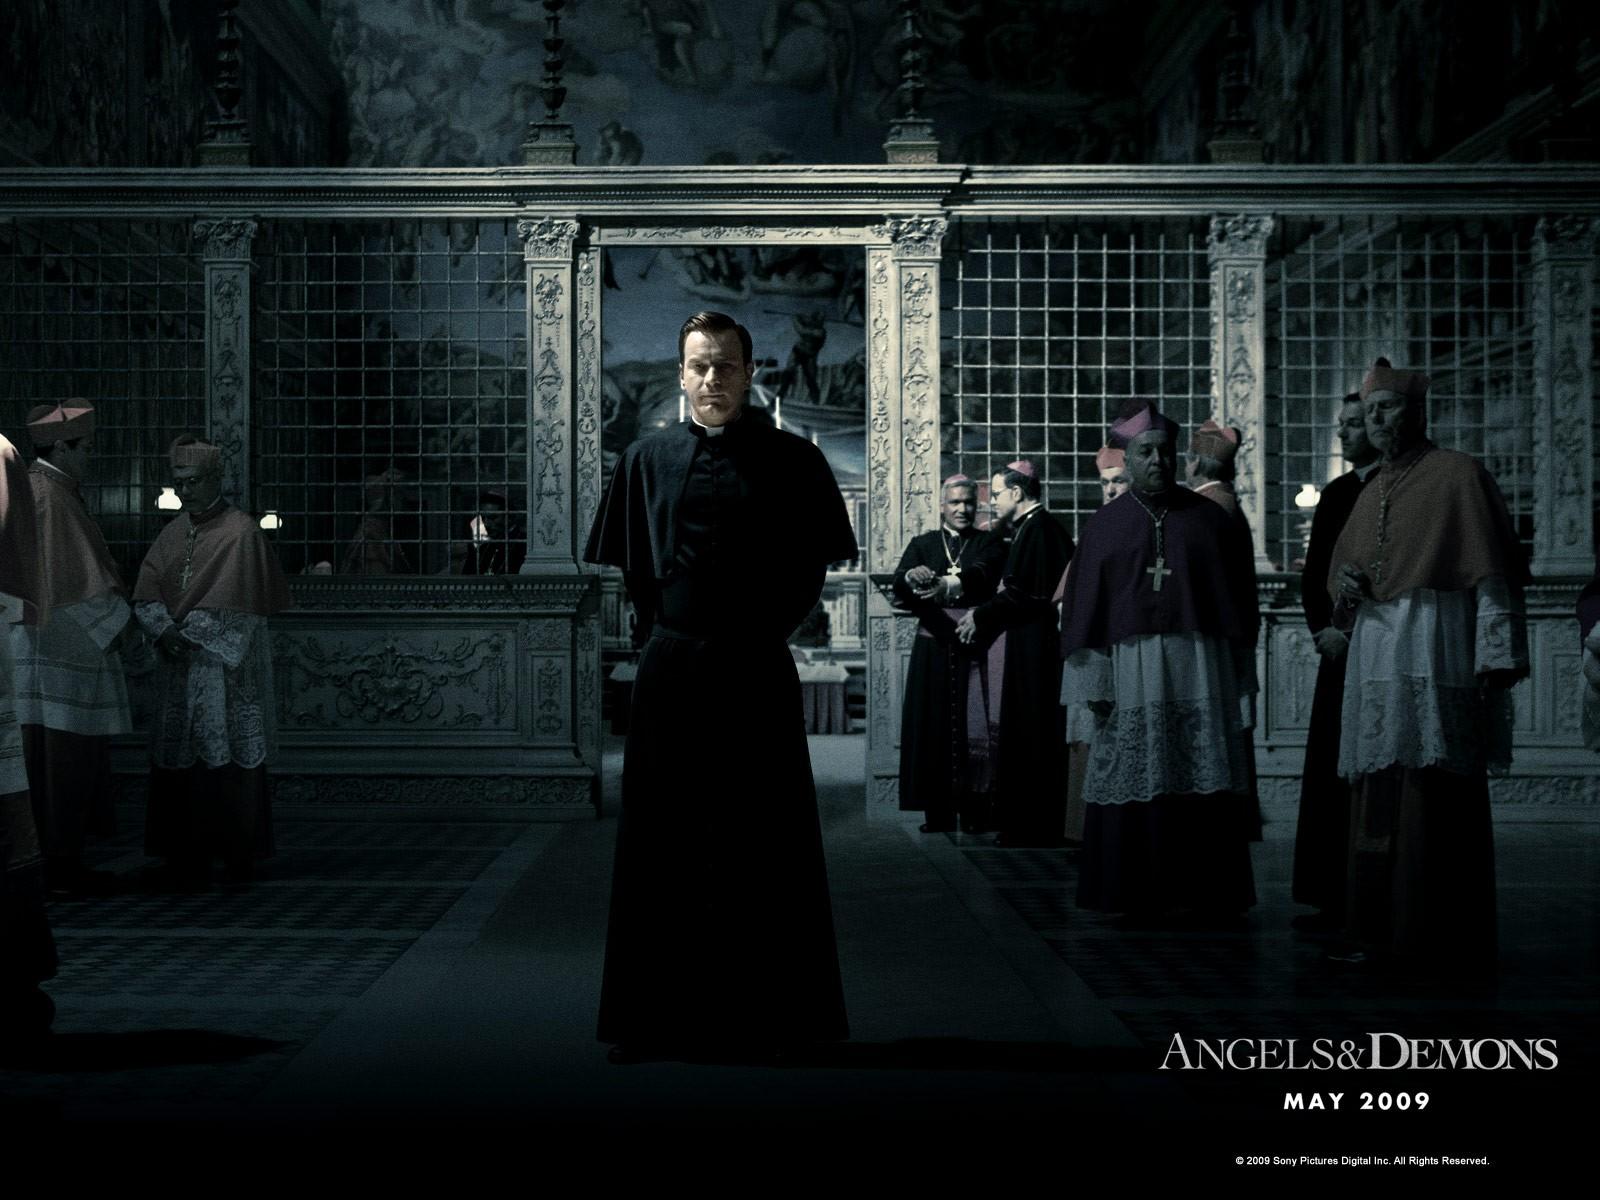 Wallpaper di Ewan McGregor nel film 'Angeli e Demoni'